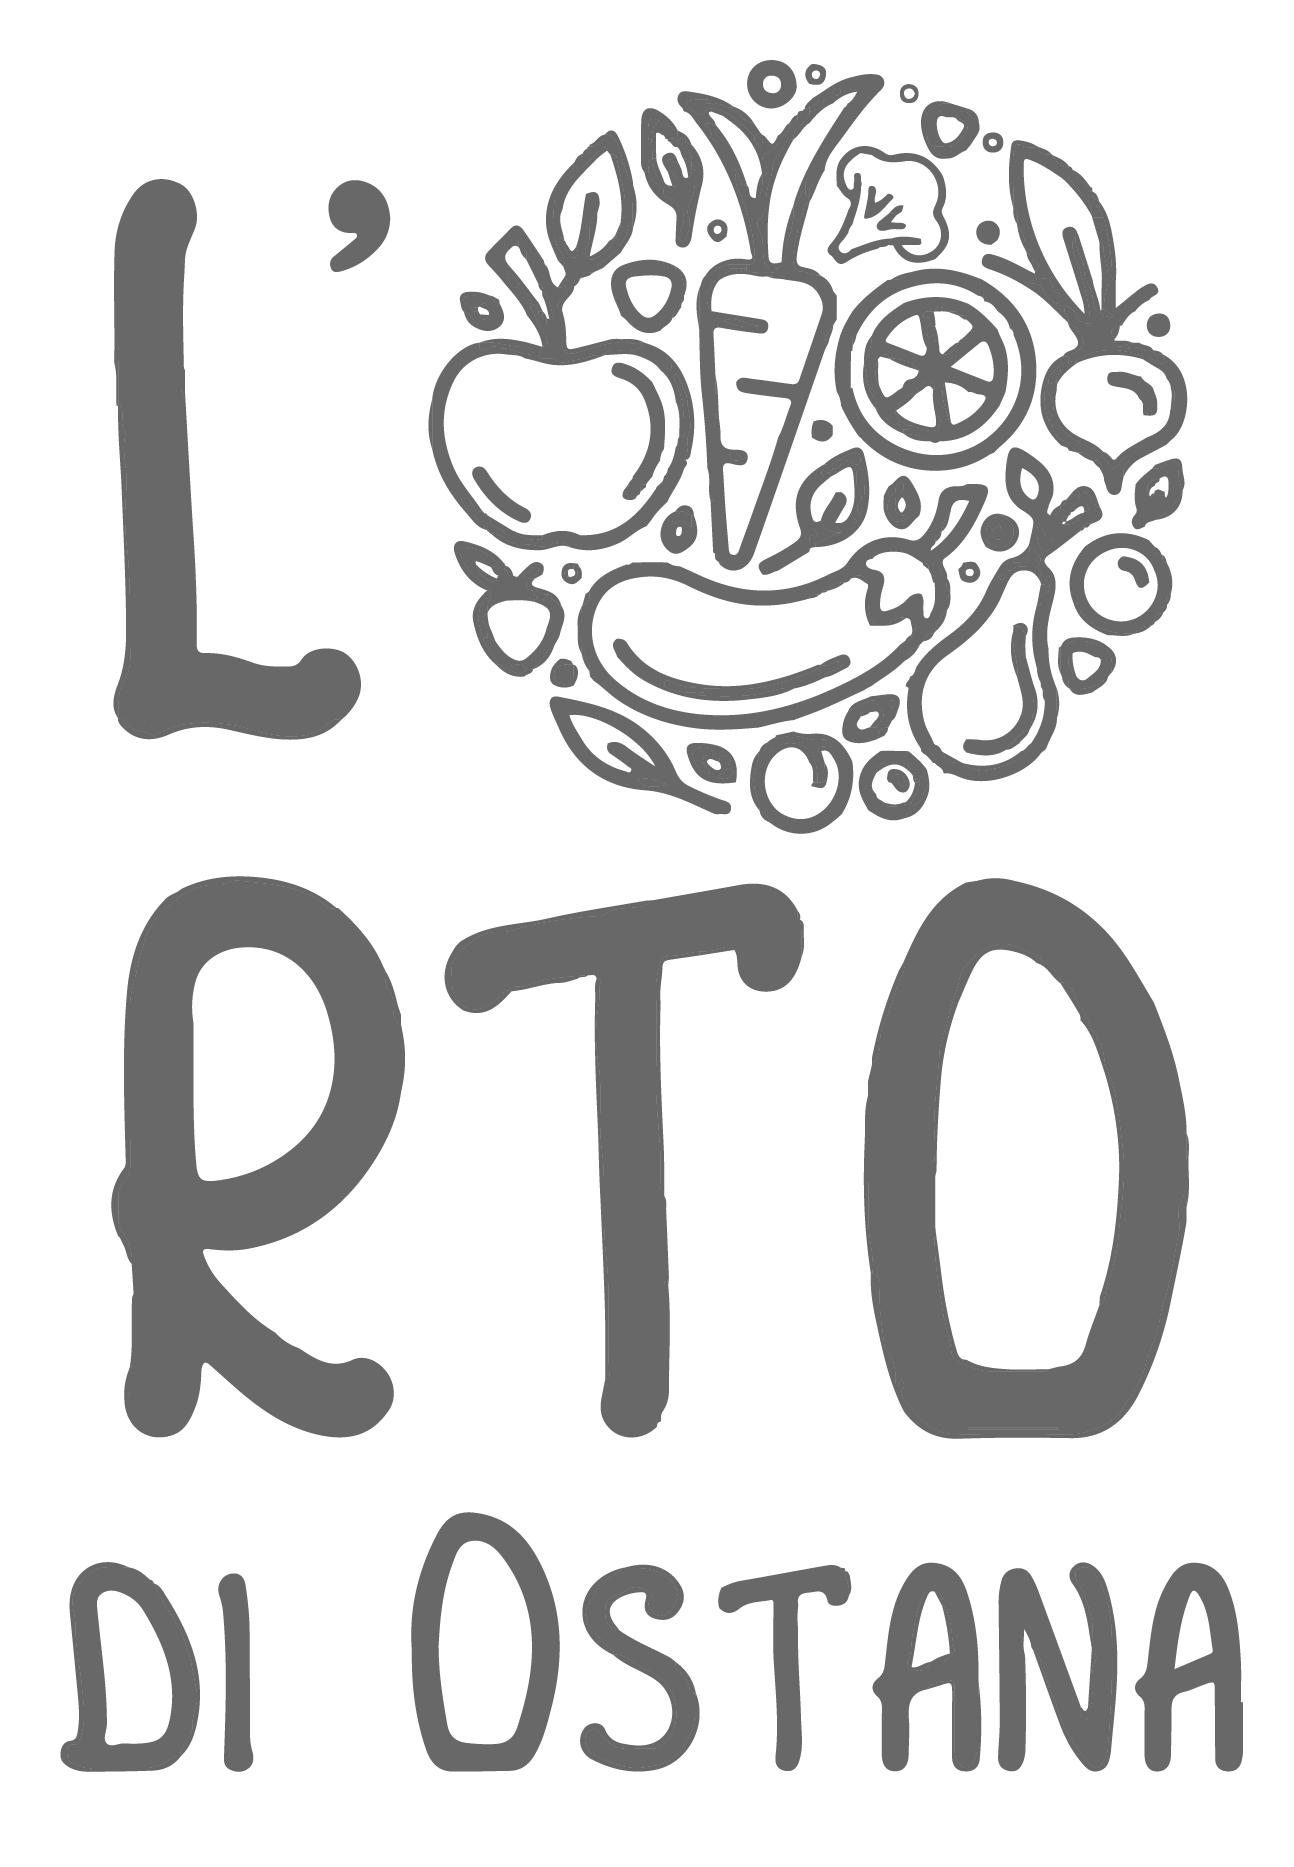 lortodiostana